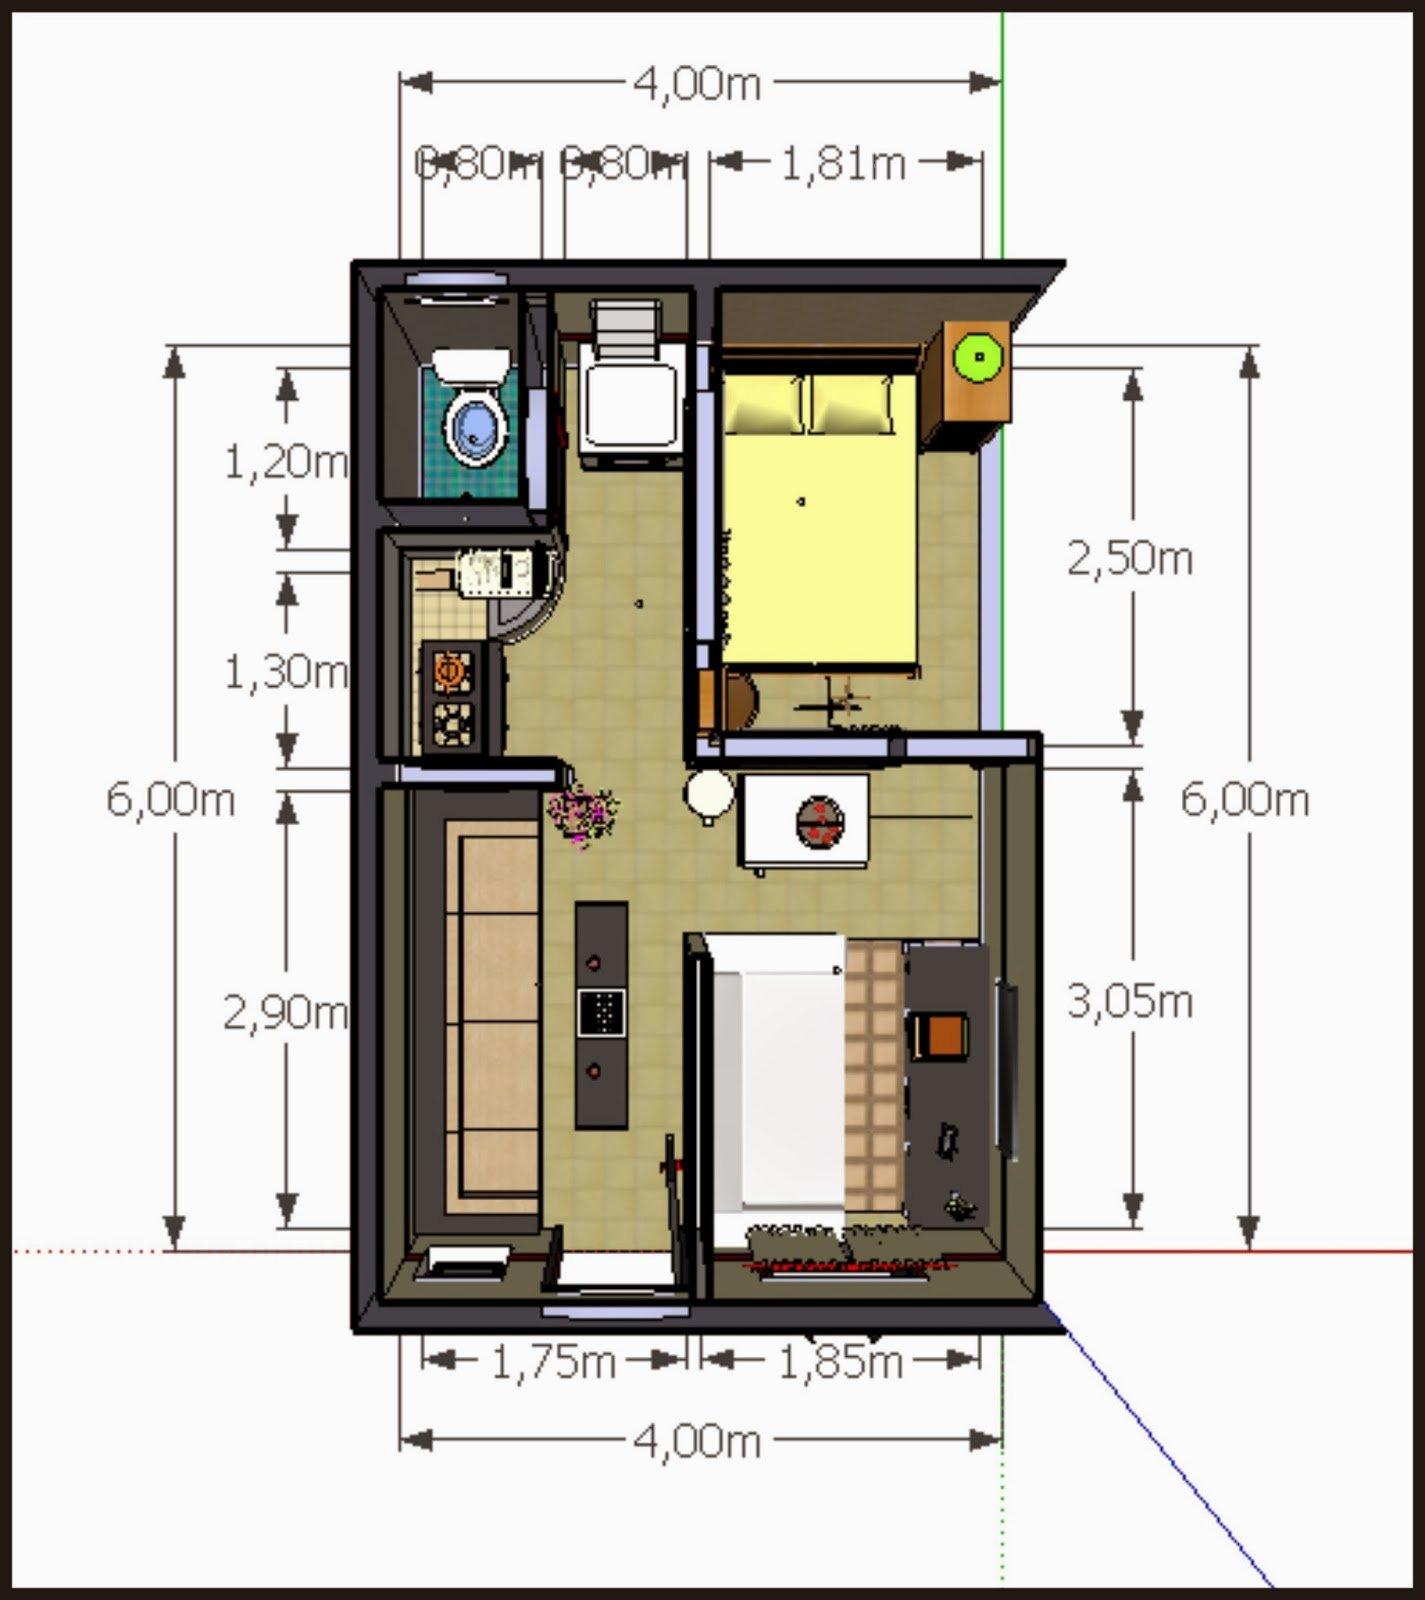 Desain Tipe Rumah Minimalis 2020 Dari Yang Terkecil Sampai Termewah